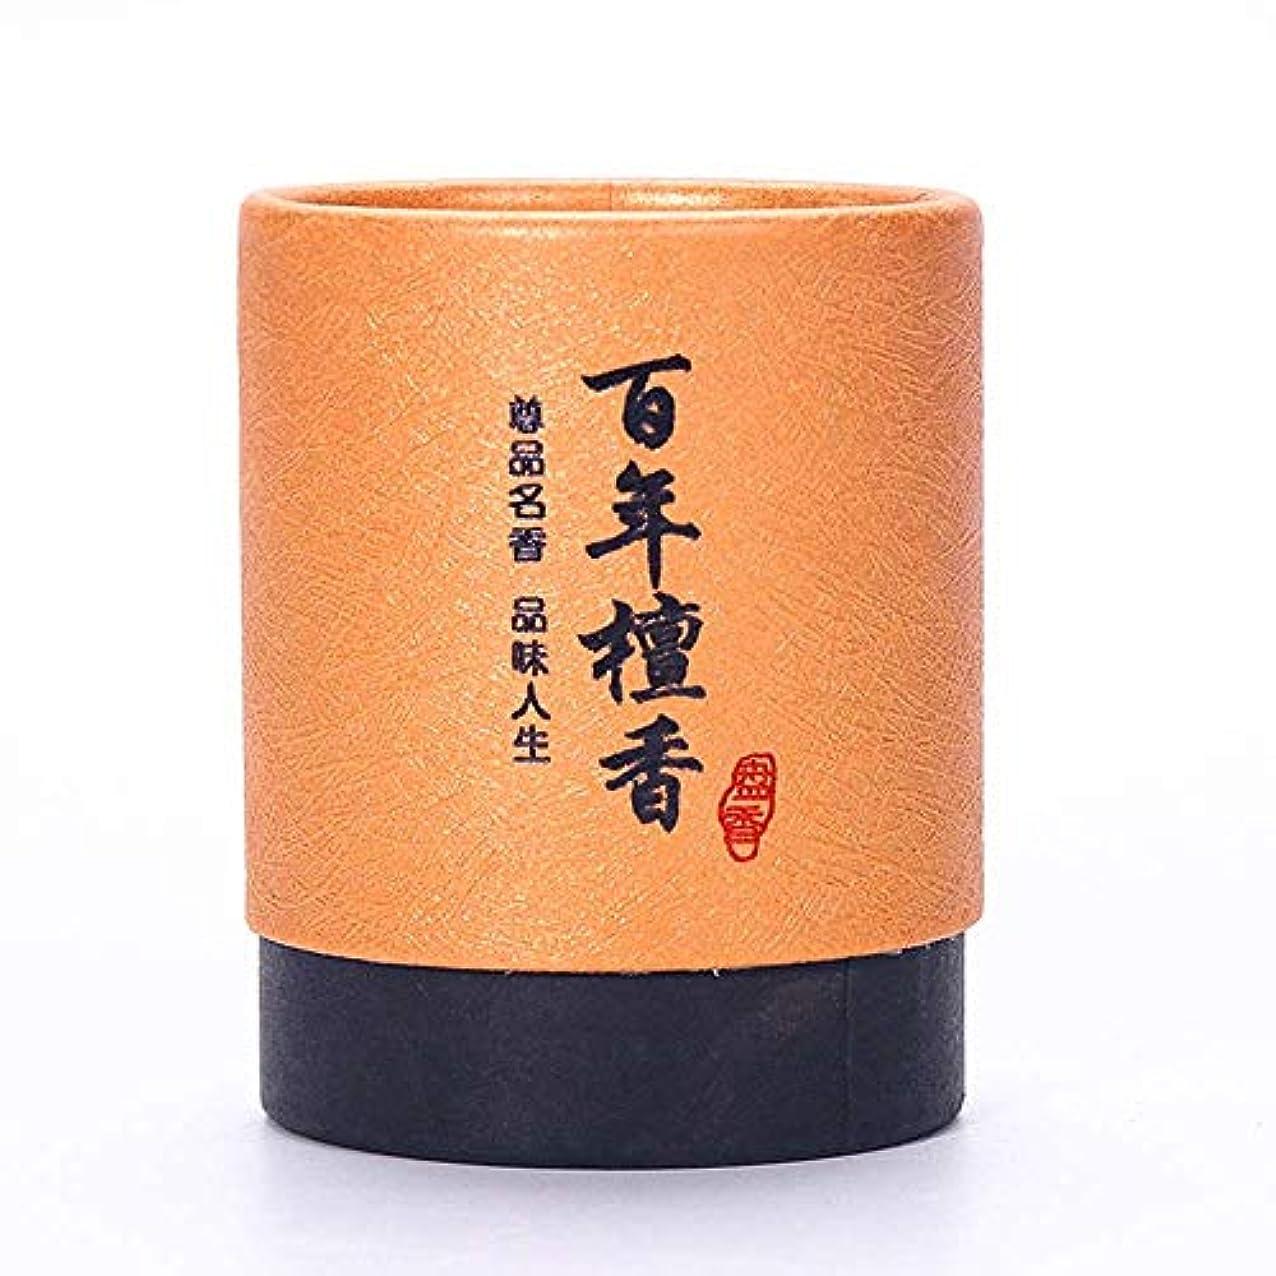 機動敬礼示すHwaGui お香 2時間 盤香 渦巻き線香 優しい香り 48巻入 (百年檀香)